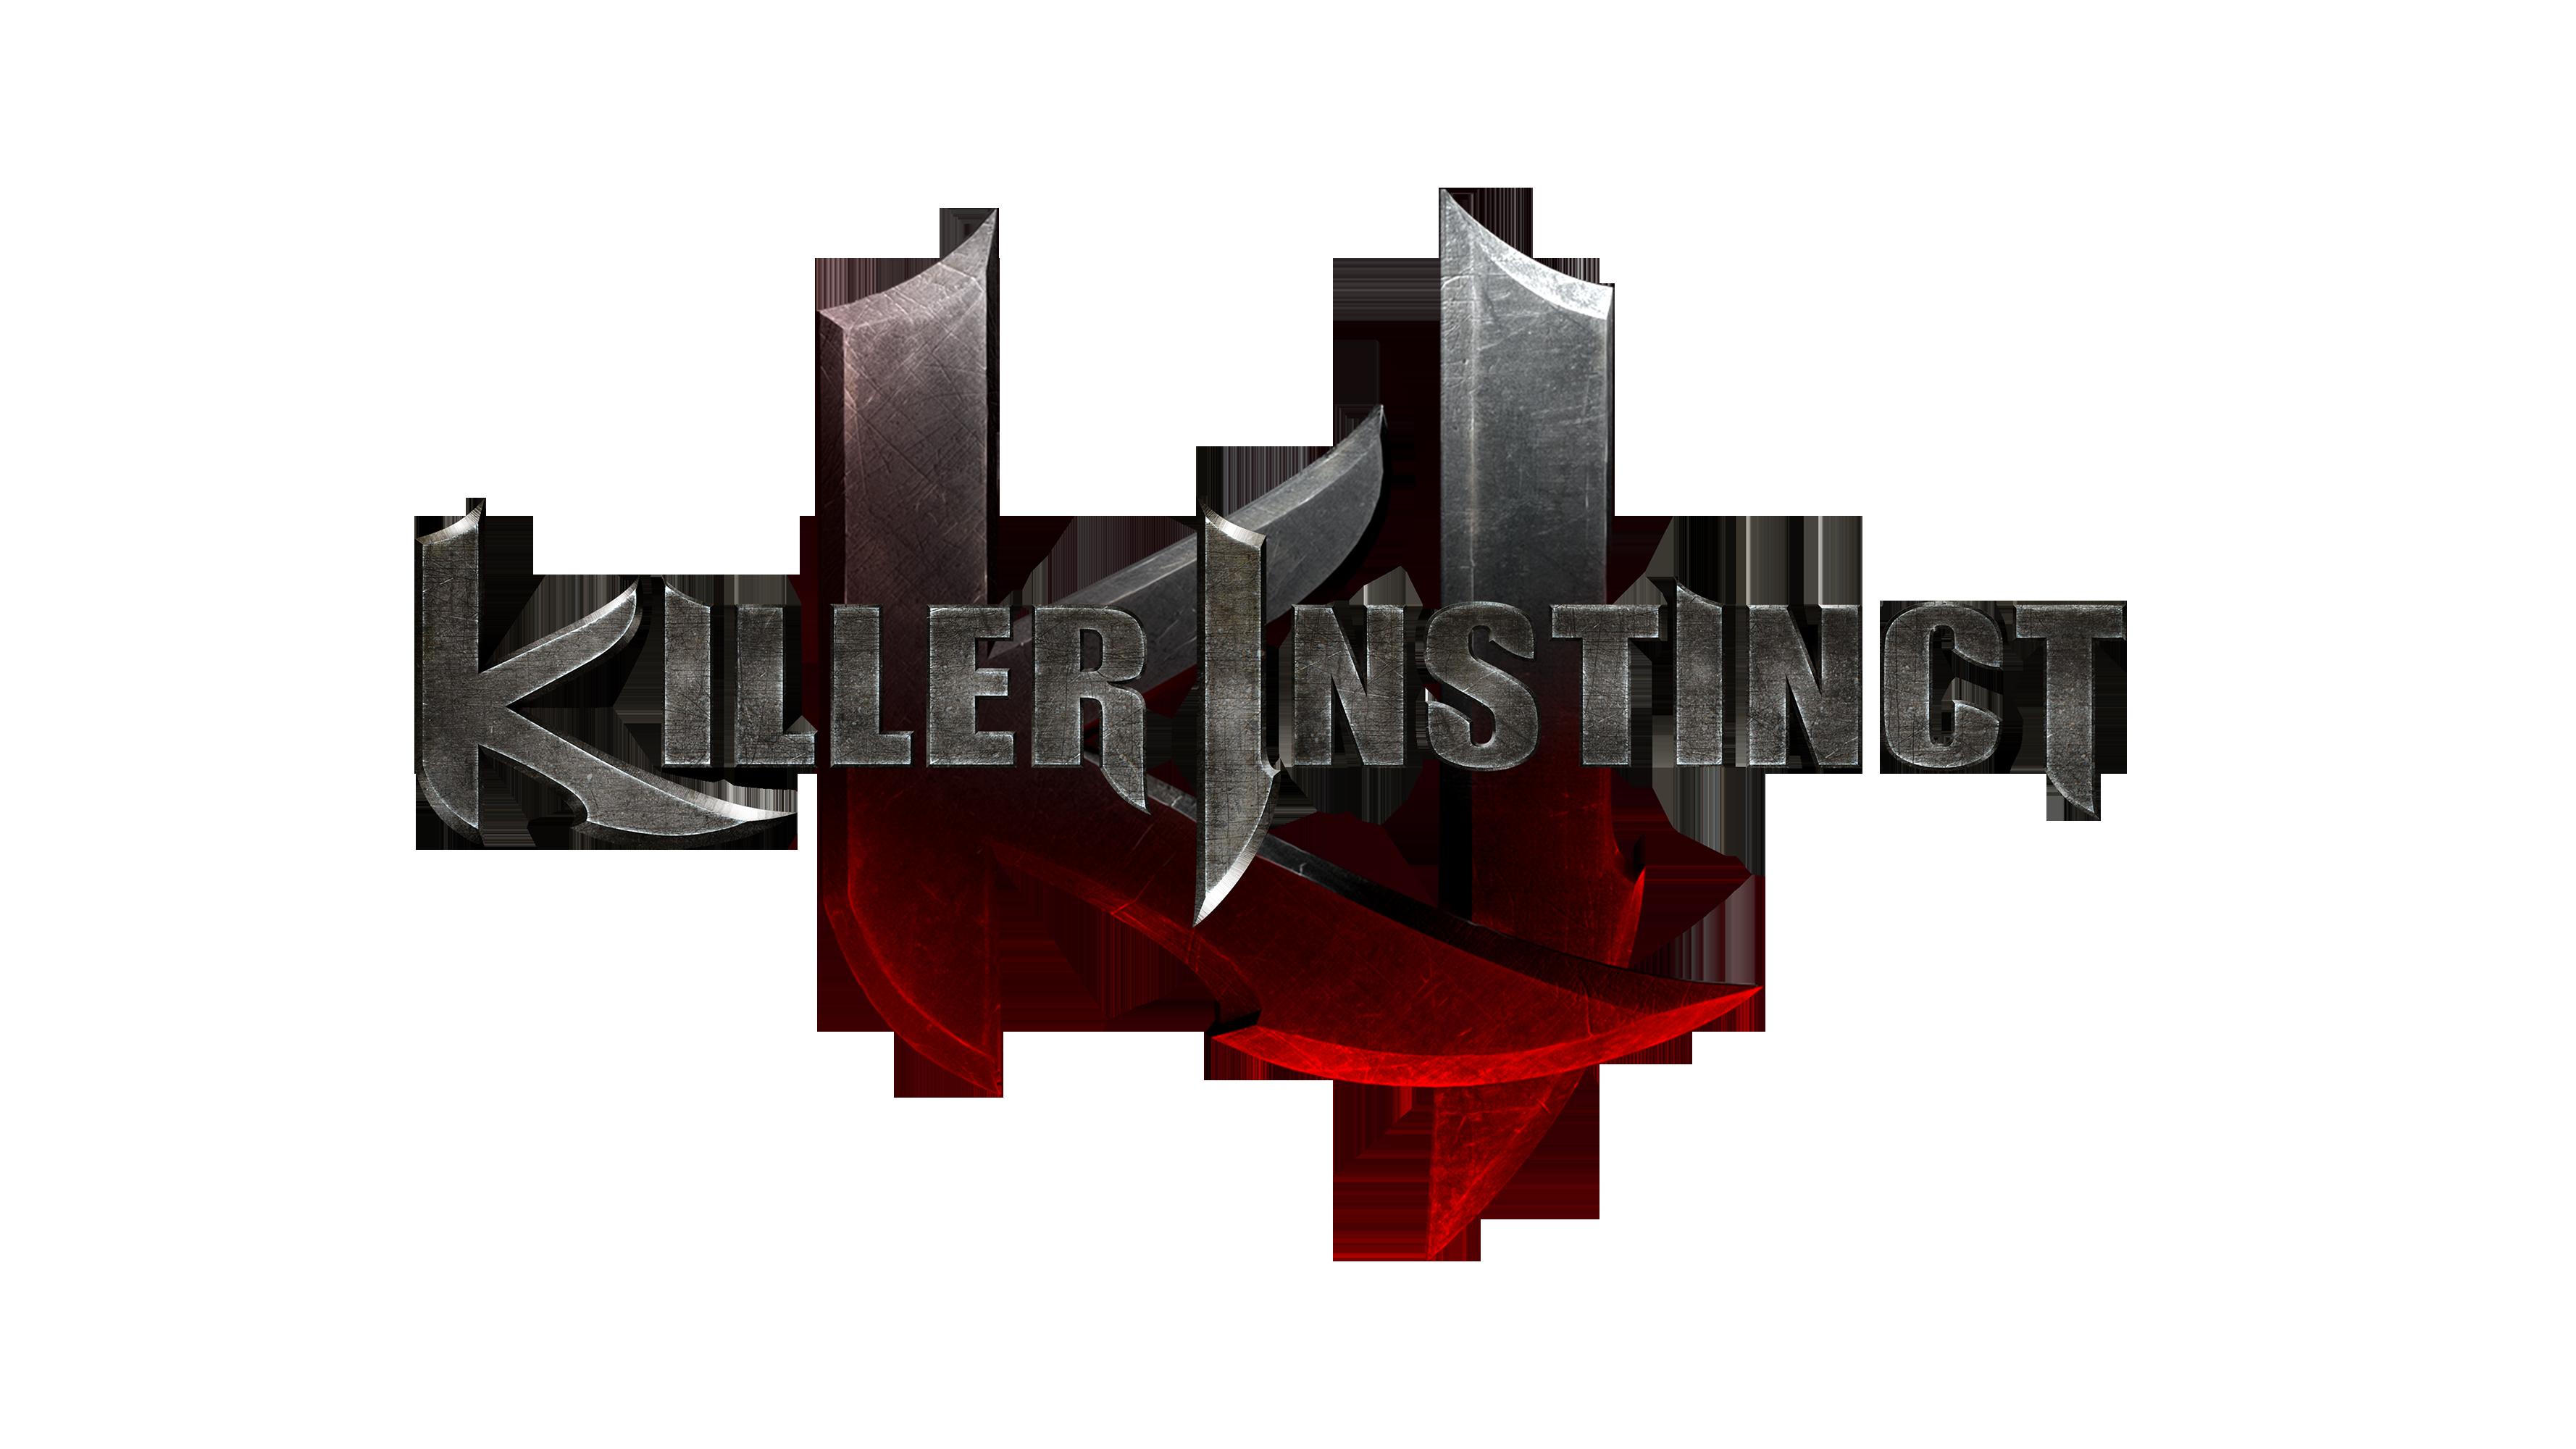 Killer_Instinct_2013_logo